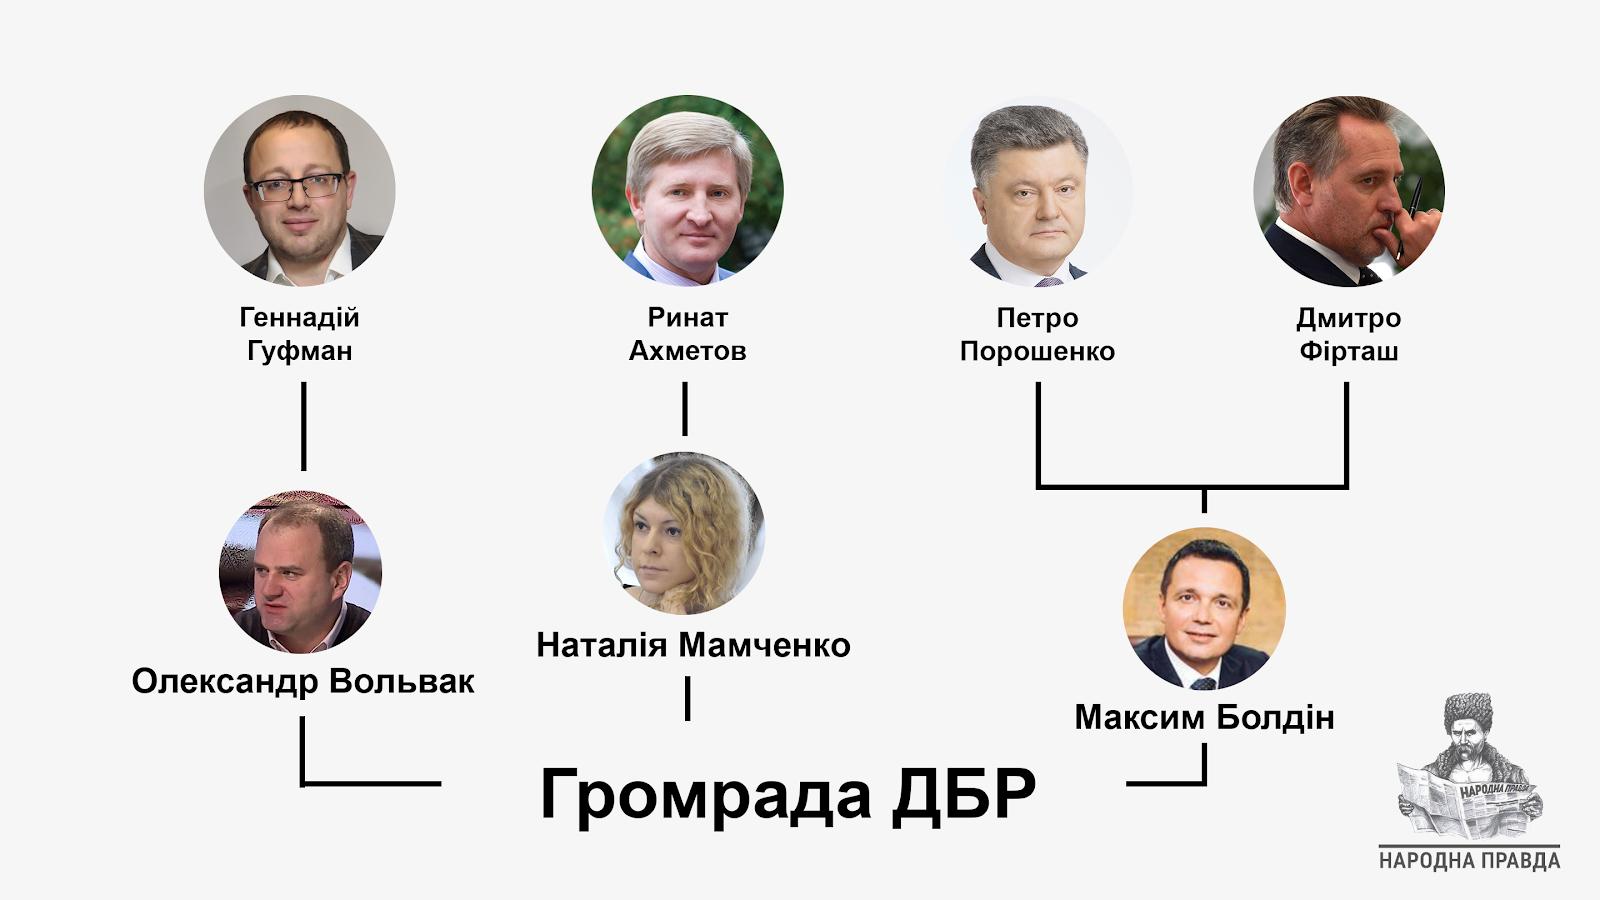 ГПУ відкрила справу проти директора ДБР Труби - Цензор.НЕТ 104